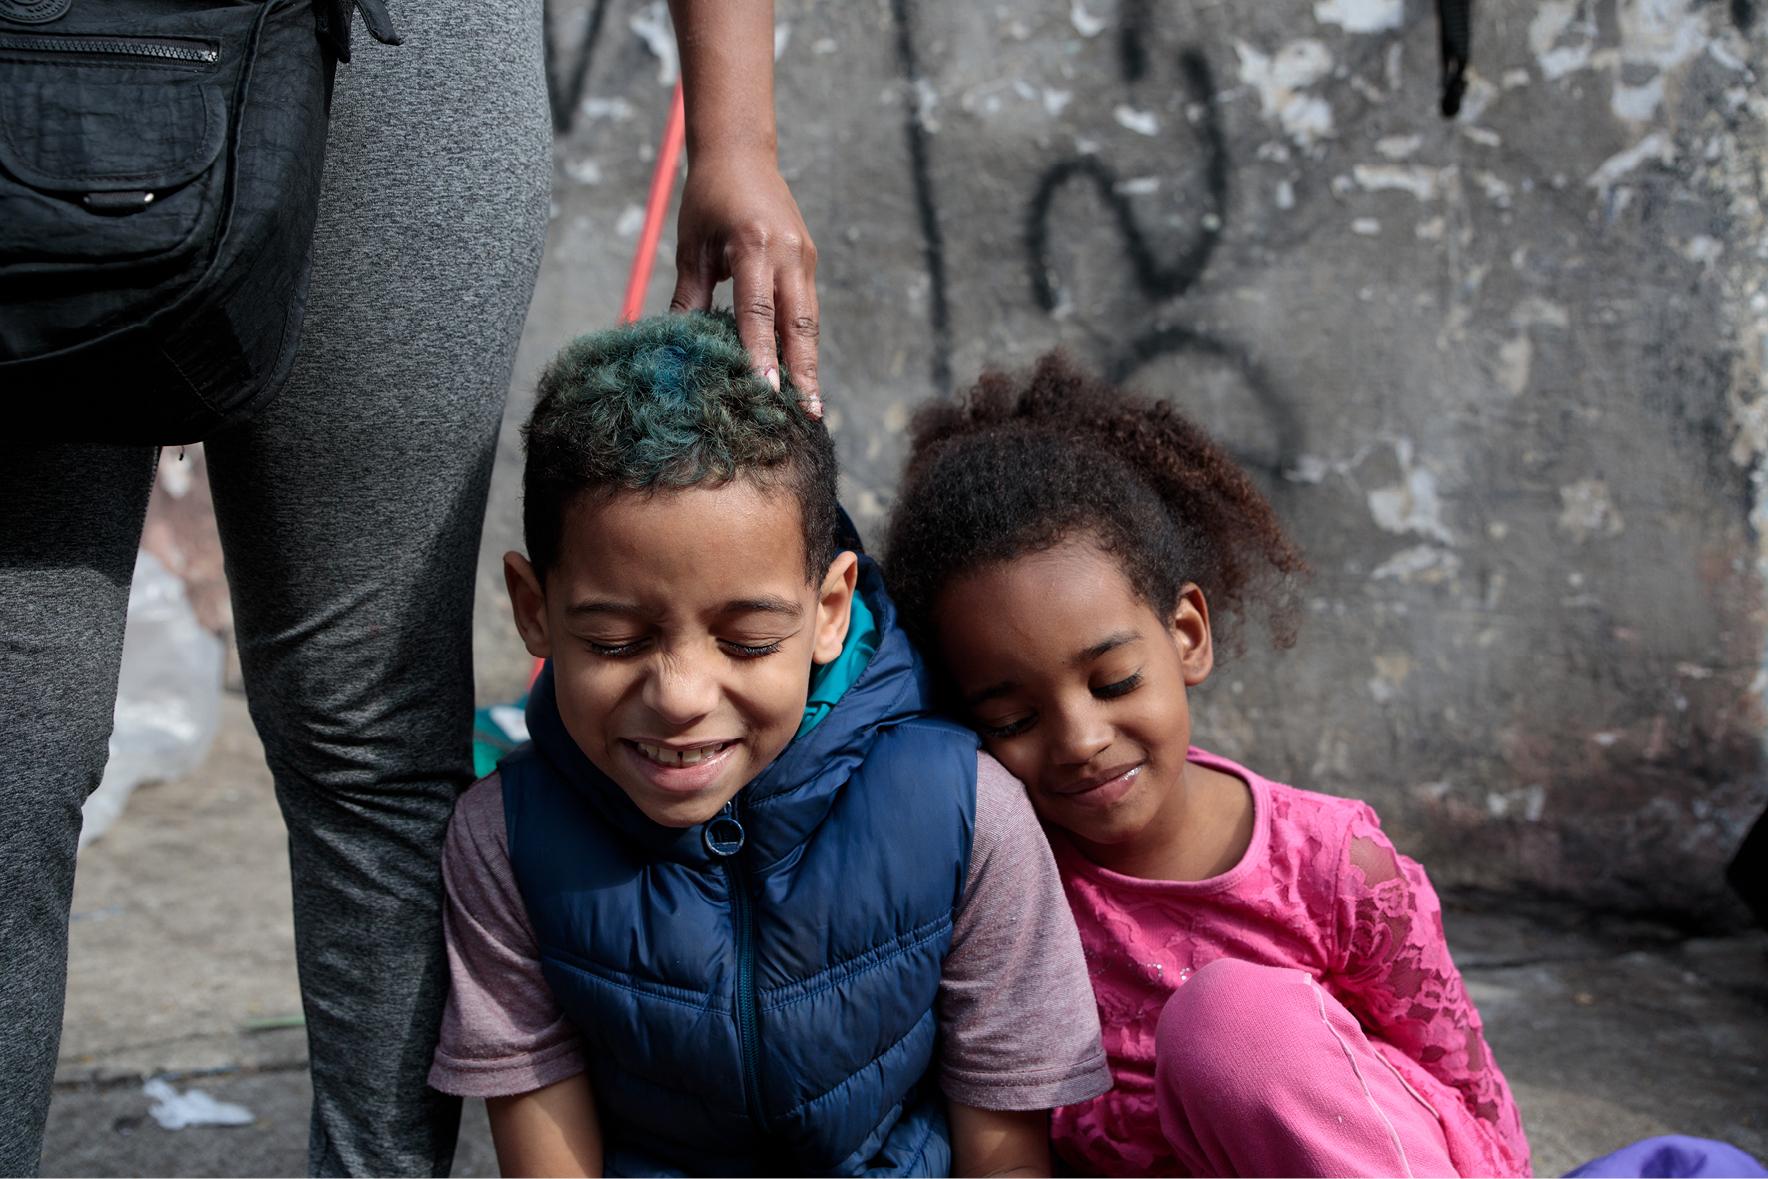 crianças em situação de rua